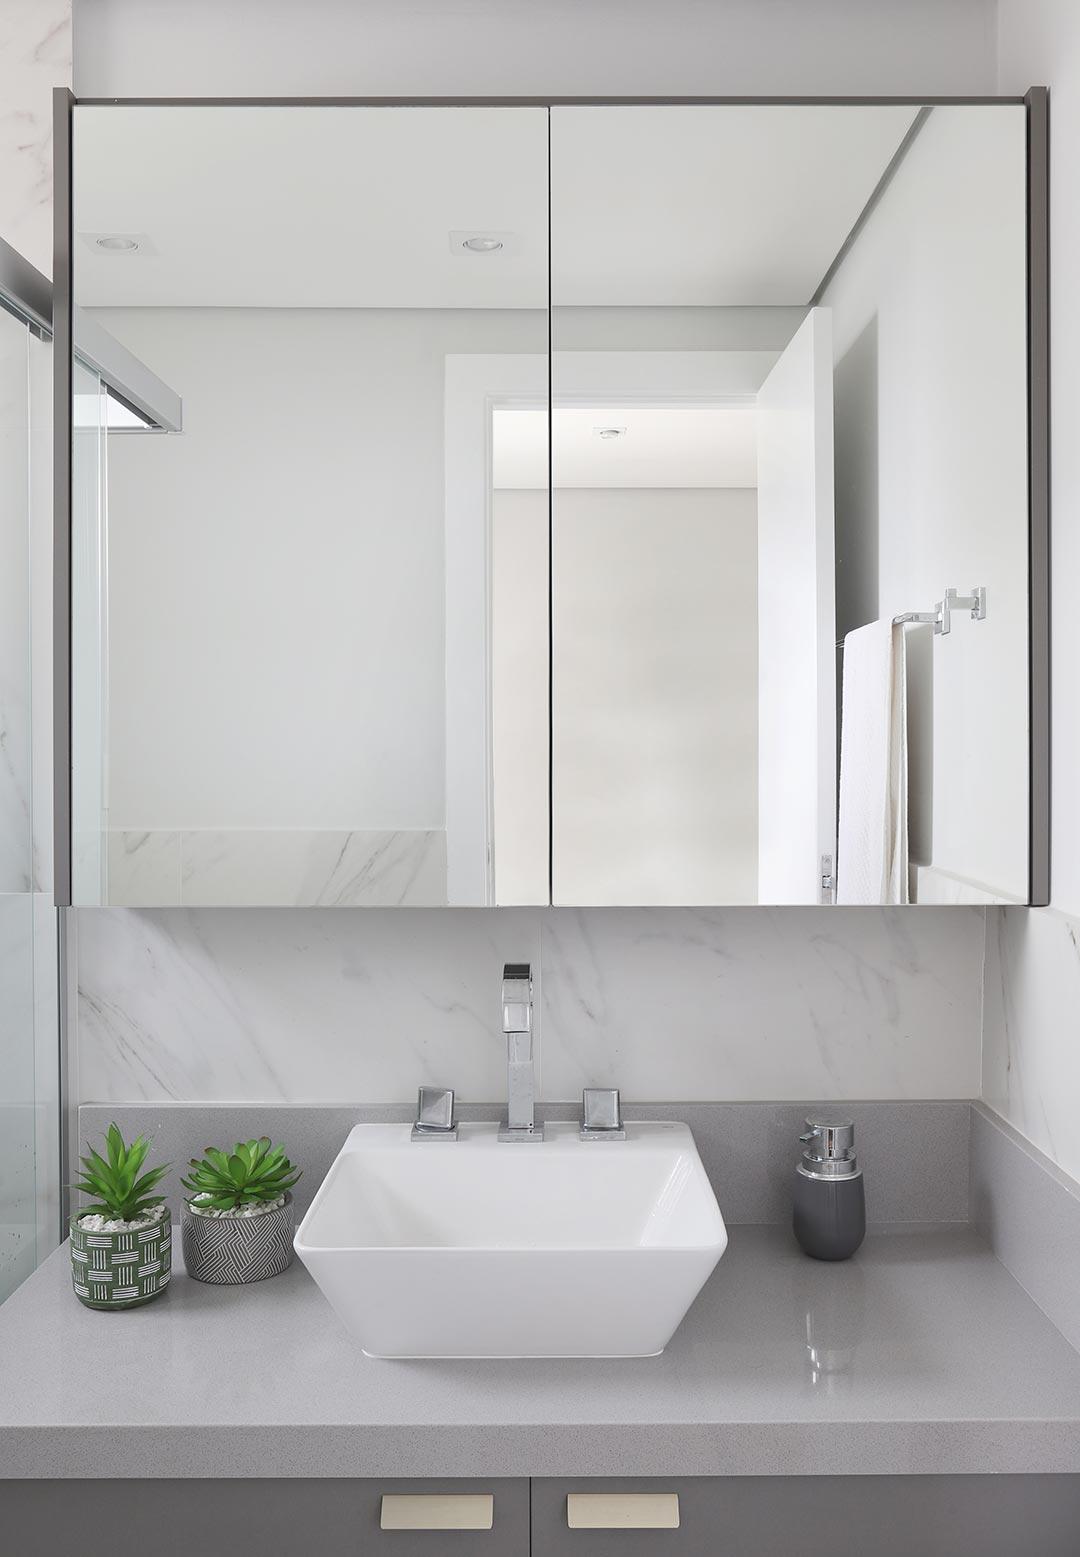 10_Banheiro-IMG_9935-1